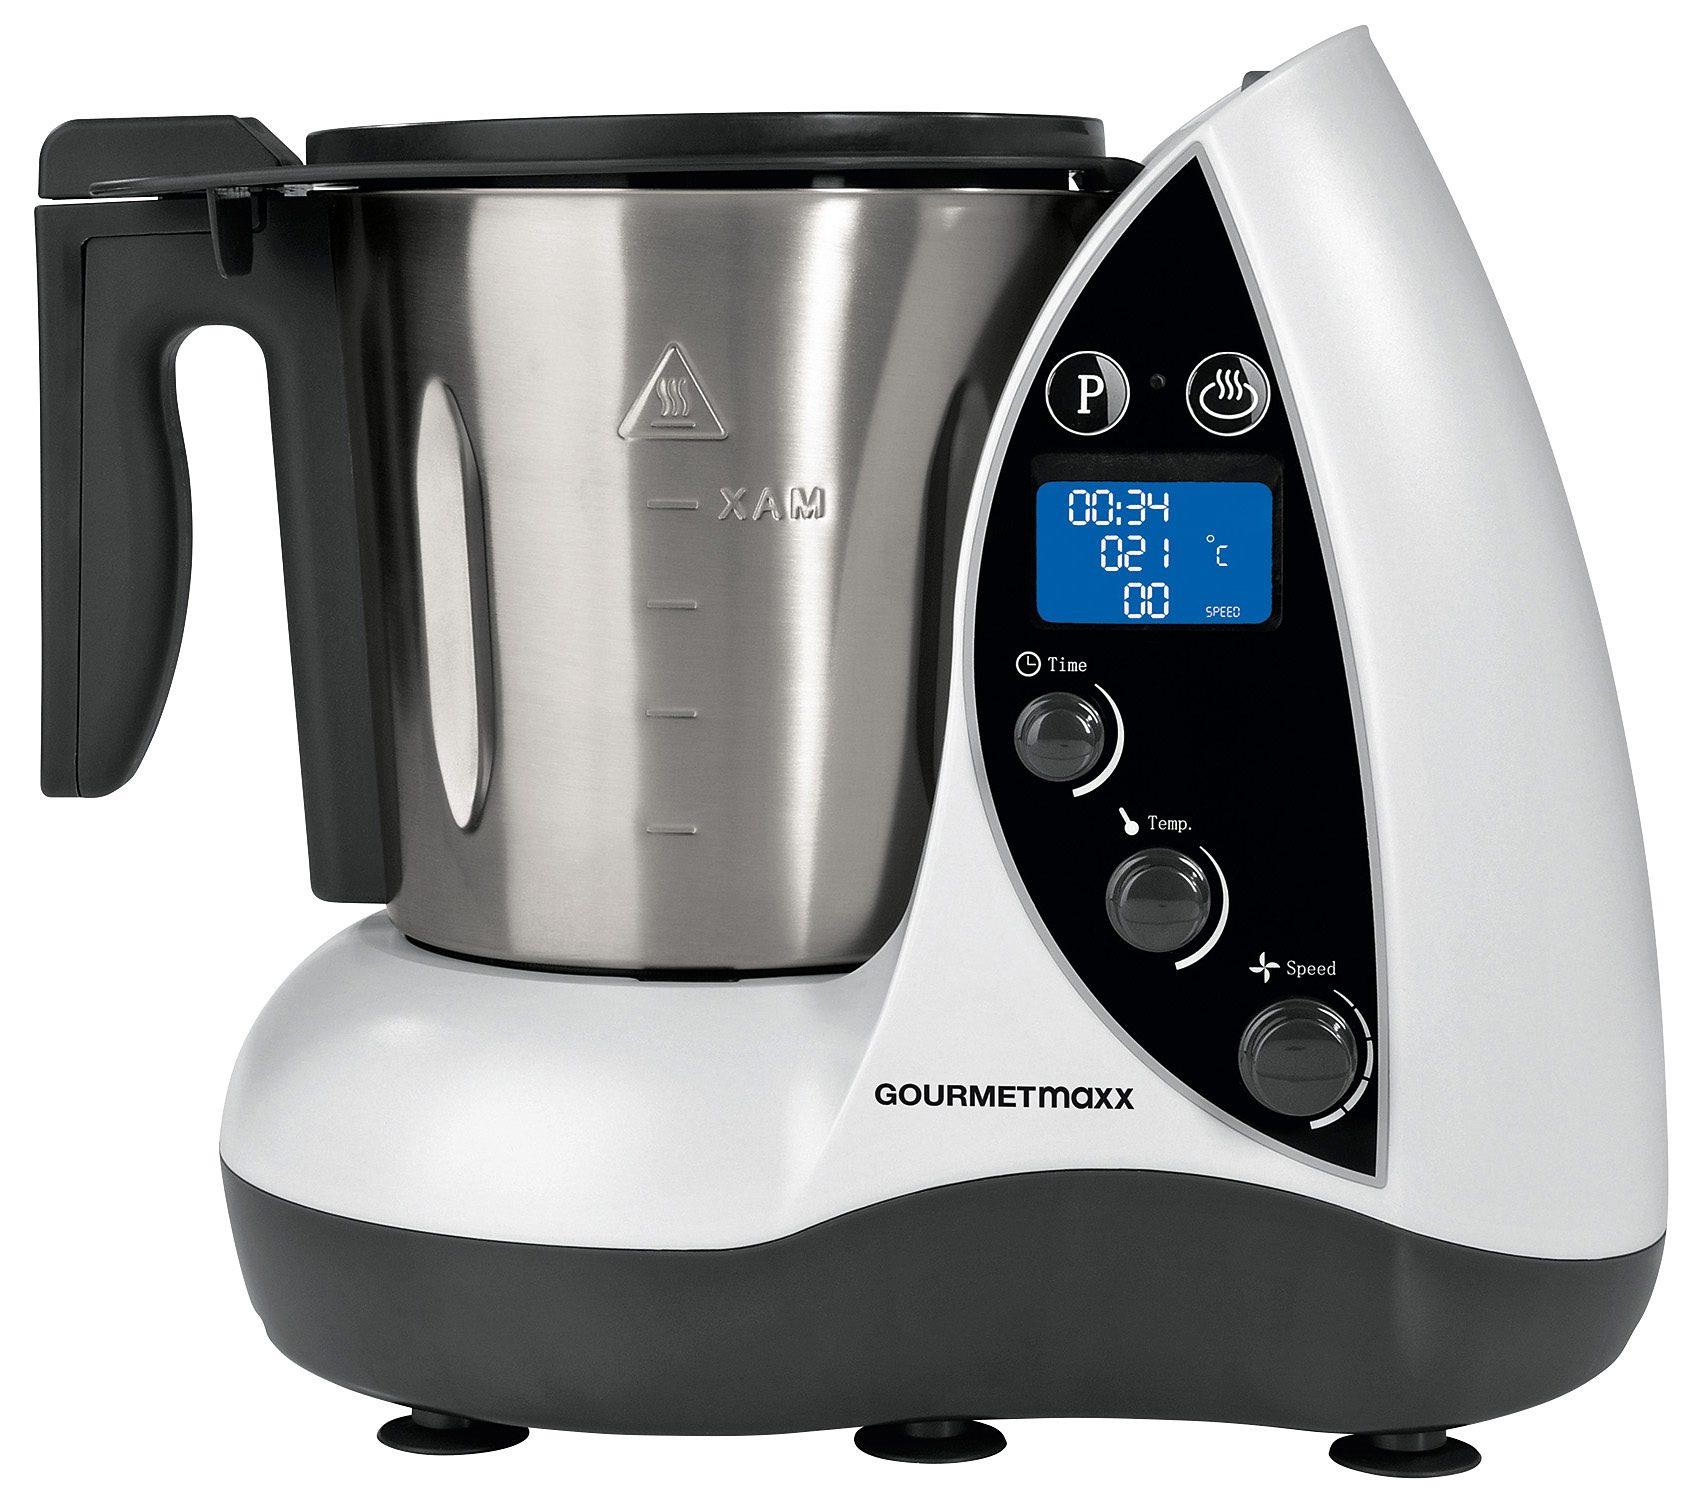 gourmetmaxx Küchenmaschine Thermo Multikocher 9in1, 2 Liter, 1500 Watt